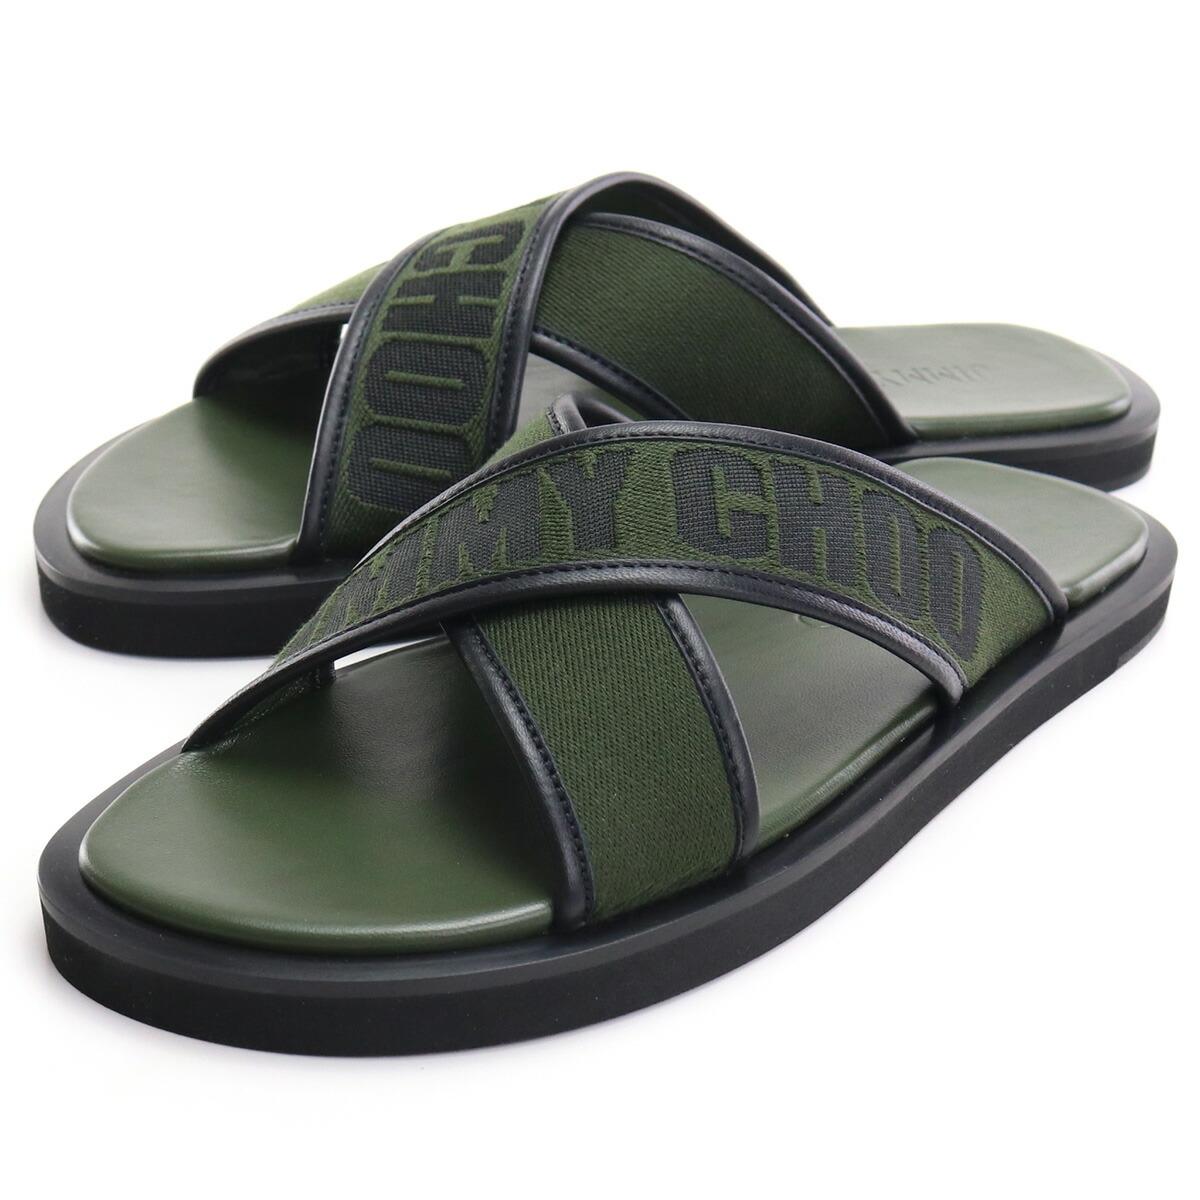 ジミーチュウ JIMMY CHOO  サンダル PALMO LBI 211 OLIVE/OLIVE カーキ bos-06 shoes-01